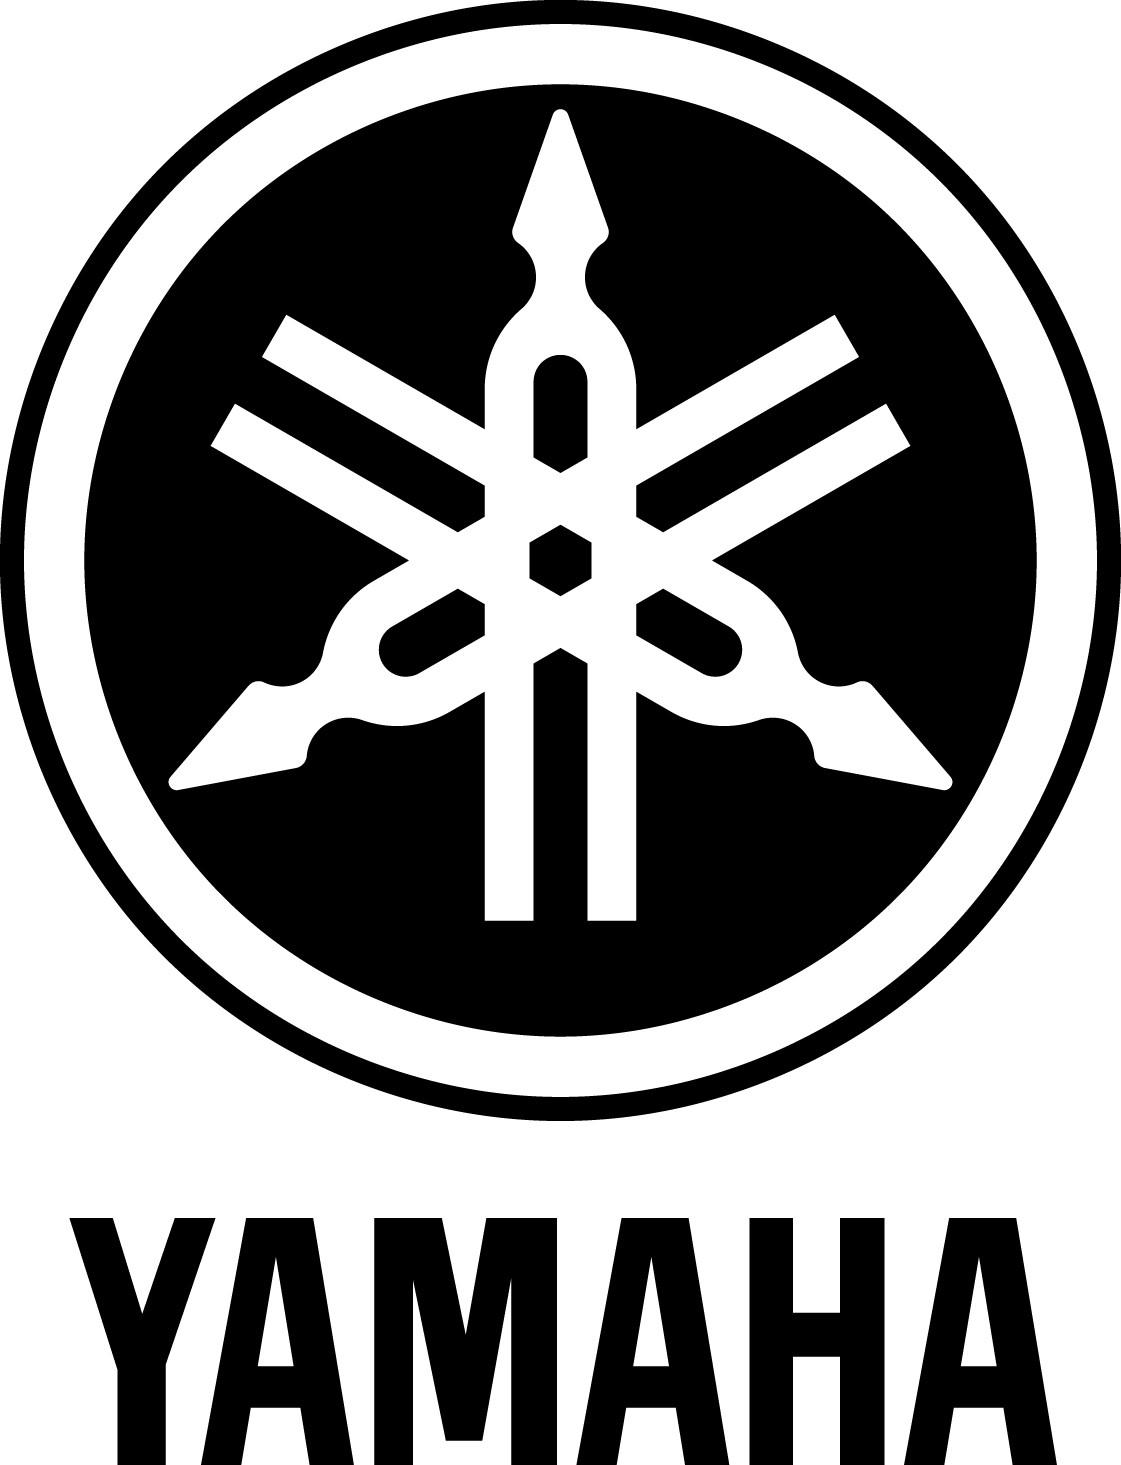 yamaha_logo6_13